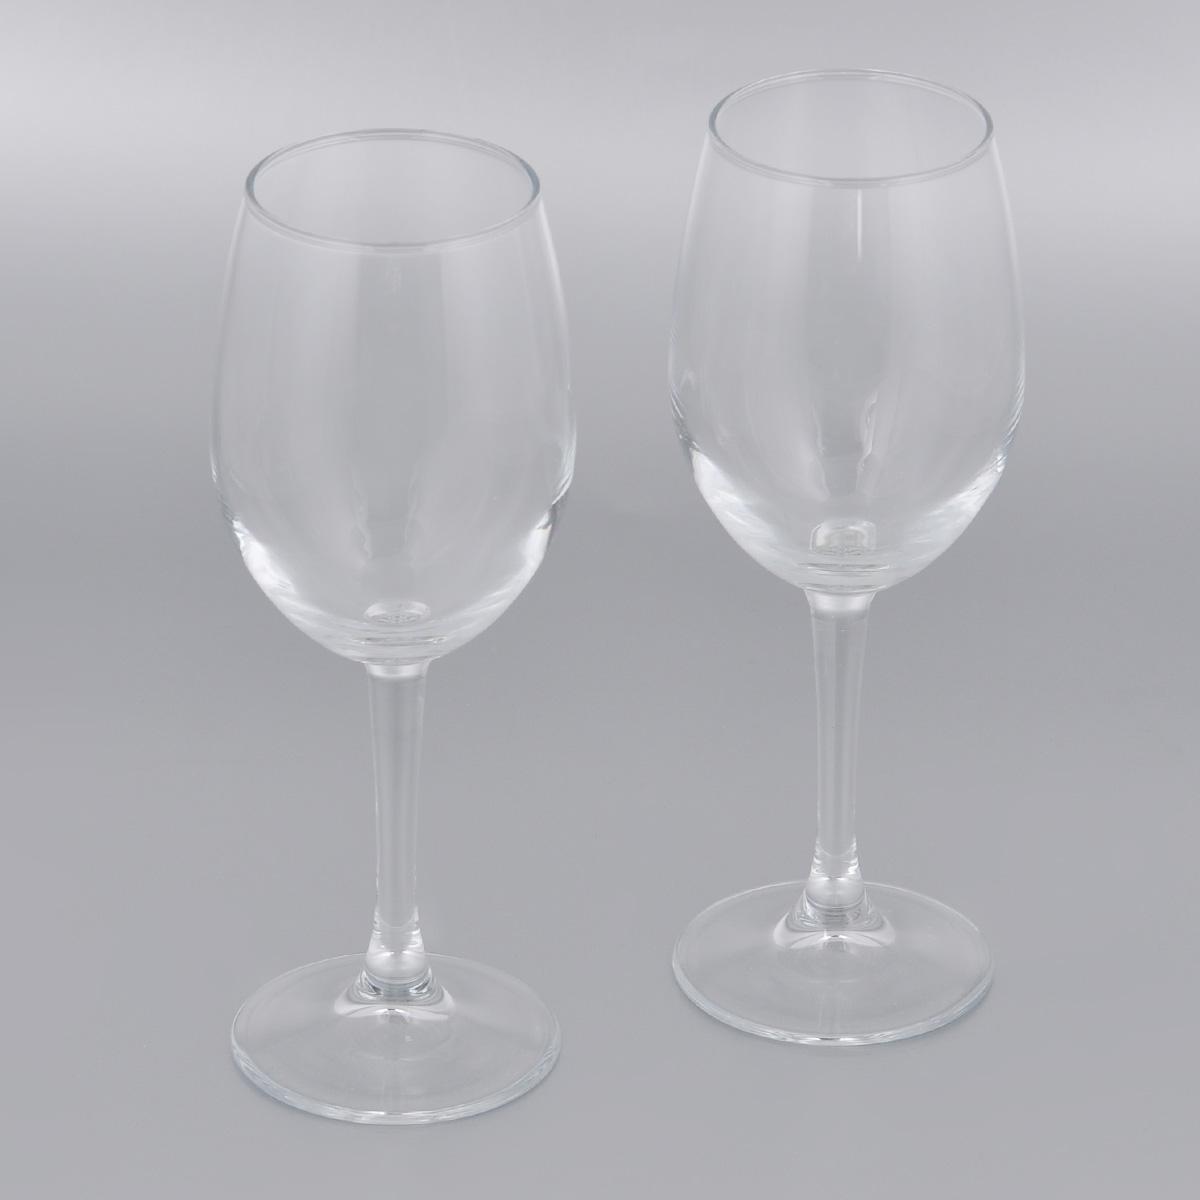 Набор бокалов для вина Pasabahce Classique, 360 мл, 2 шт440151BНабор Pasabahce Classique состоит из двух бокалов, выполненных из прочного натрий-кальций-силикатного стекла. Изделия оснащены высокими ножками. Бокалы предназначены для подачи вина. Они сочетают в себе элегантный дизайн и функциональность. Благодаря такому набору пить напитки будет еще вкуснее.Набор бокалов Pasabahce Classique прекрасно оформит праздничный стол и создаст приятную атмосферу за романтическим ужином. Такой набор также станет хорошим подарком к любому случаю. Можно мыть в посудомоечной машине и использовать в микроволновой печи.Диаметр бокала (по верхнему краю): 6 см. Высота бокала: 21,3 см.